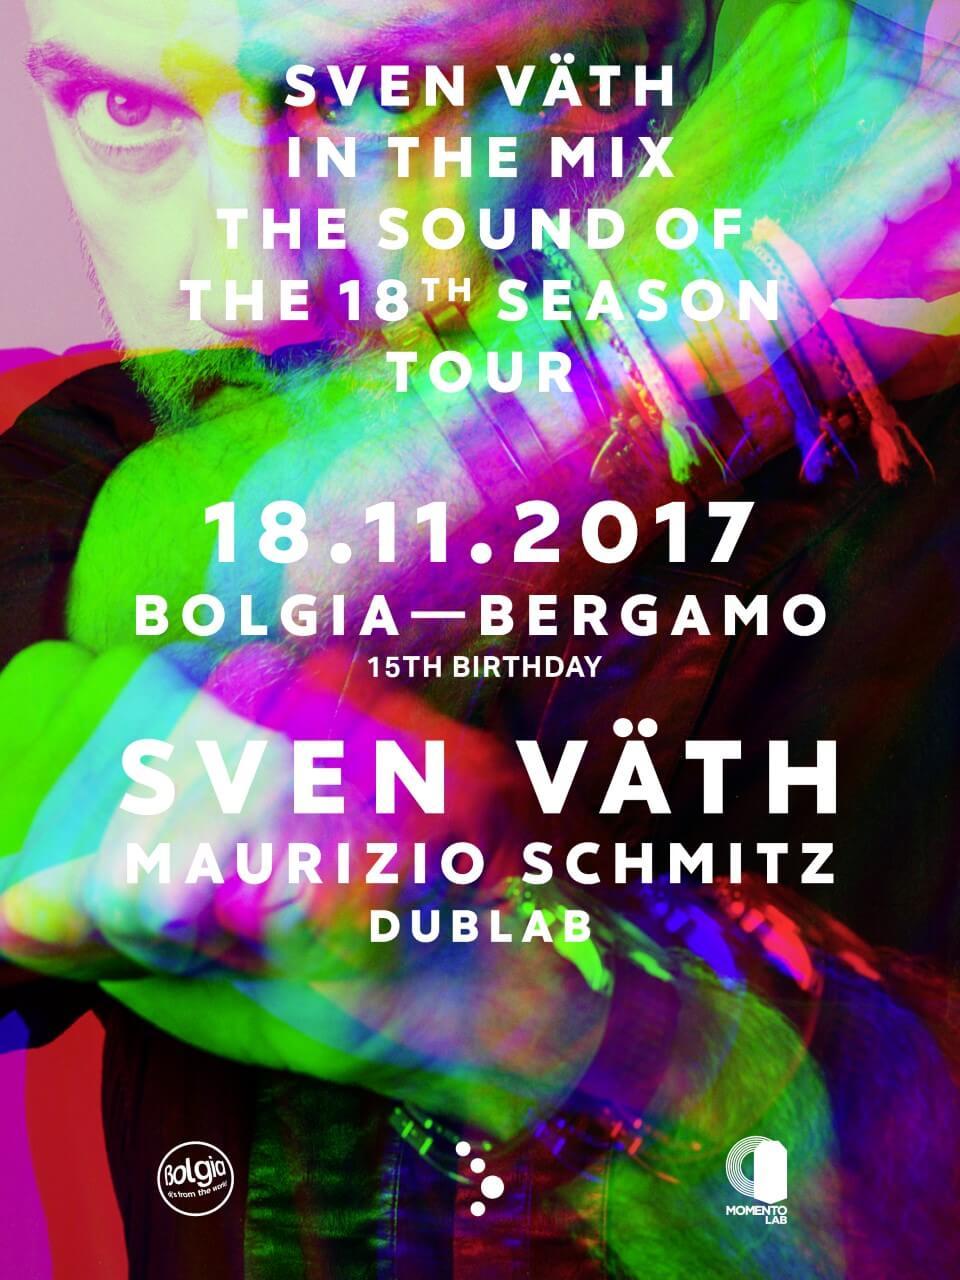 Sven Väth bolgia 18 novembre